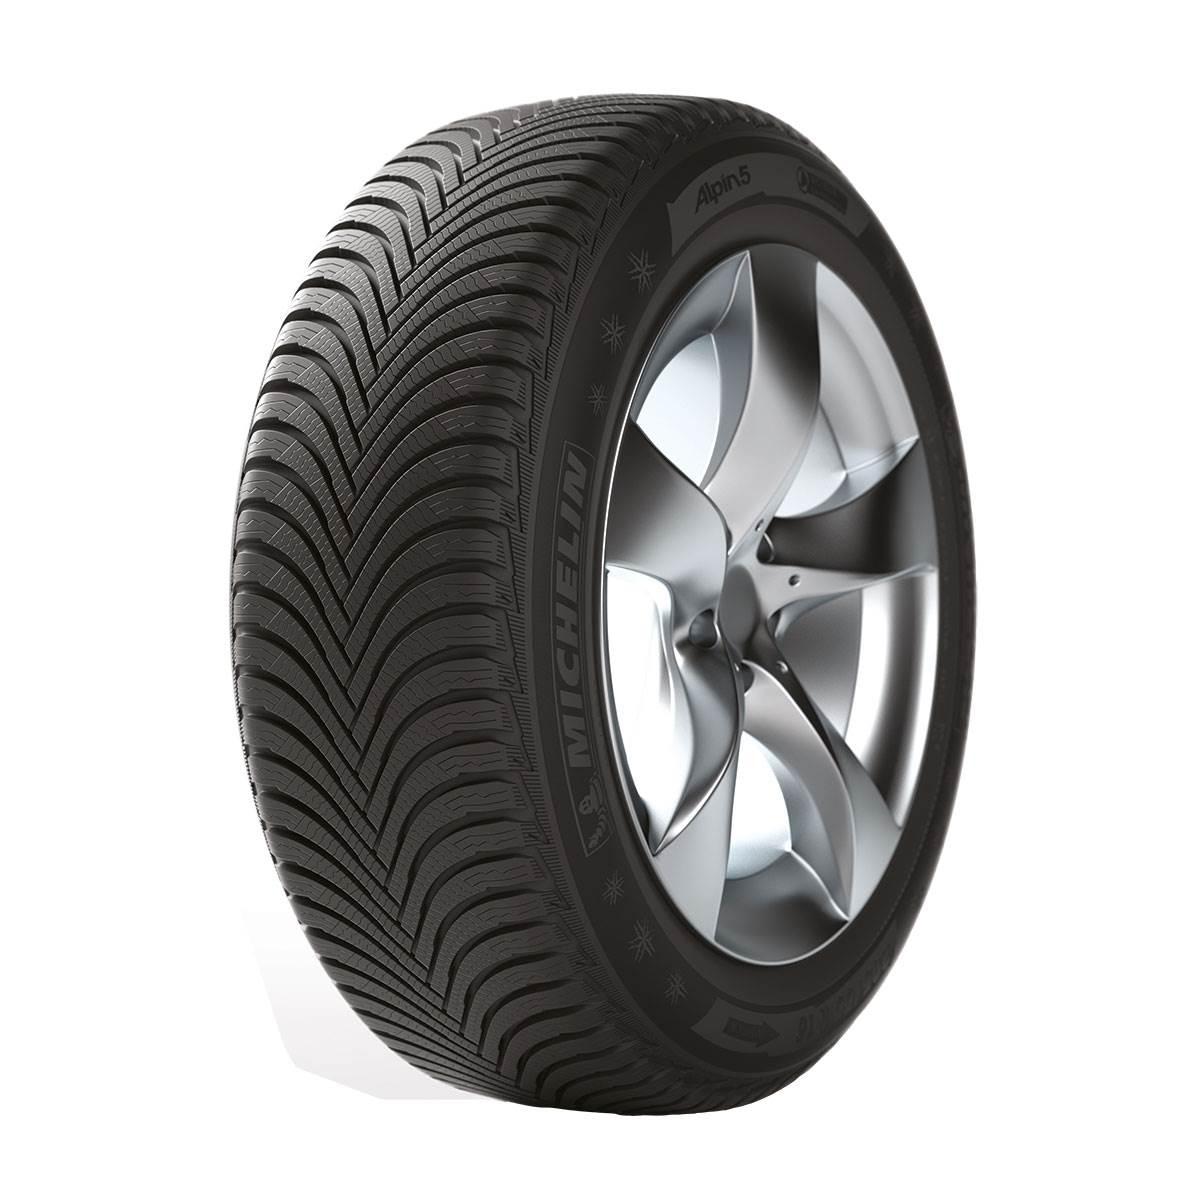 Pneu Hiver Michelin 205/55R16 91H Alpin A5